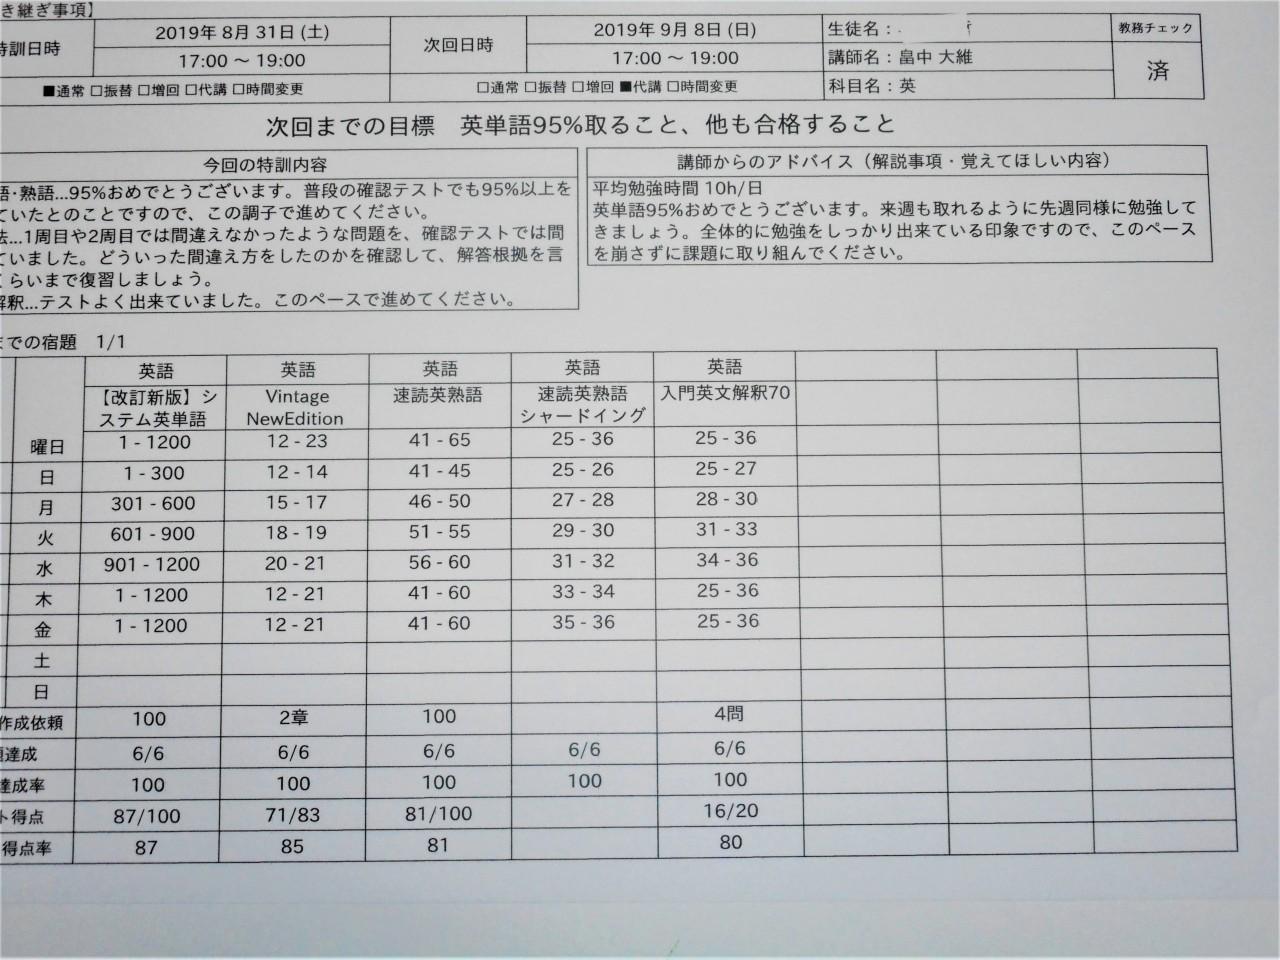 小山内哲指導報告書